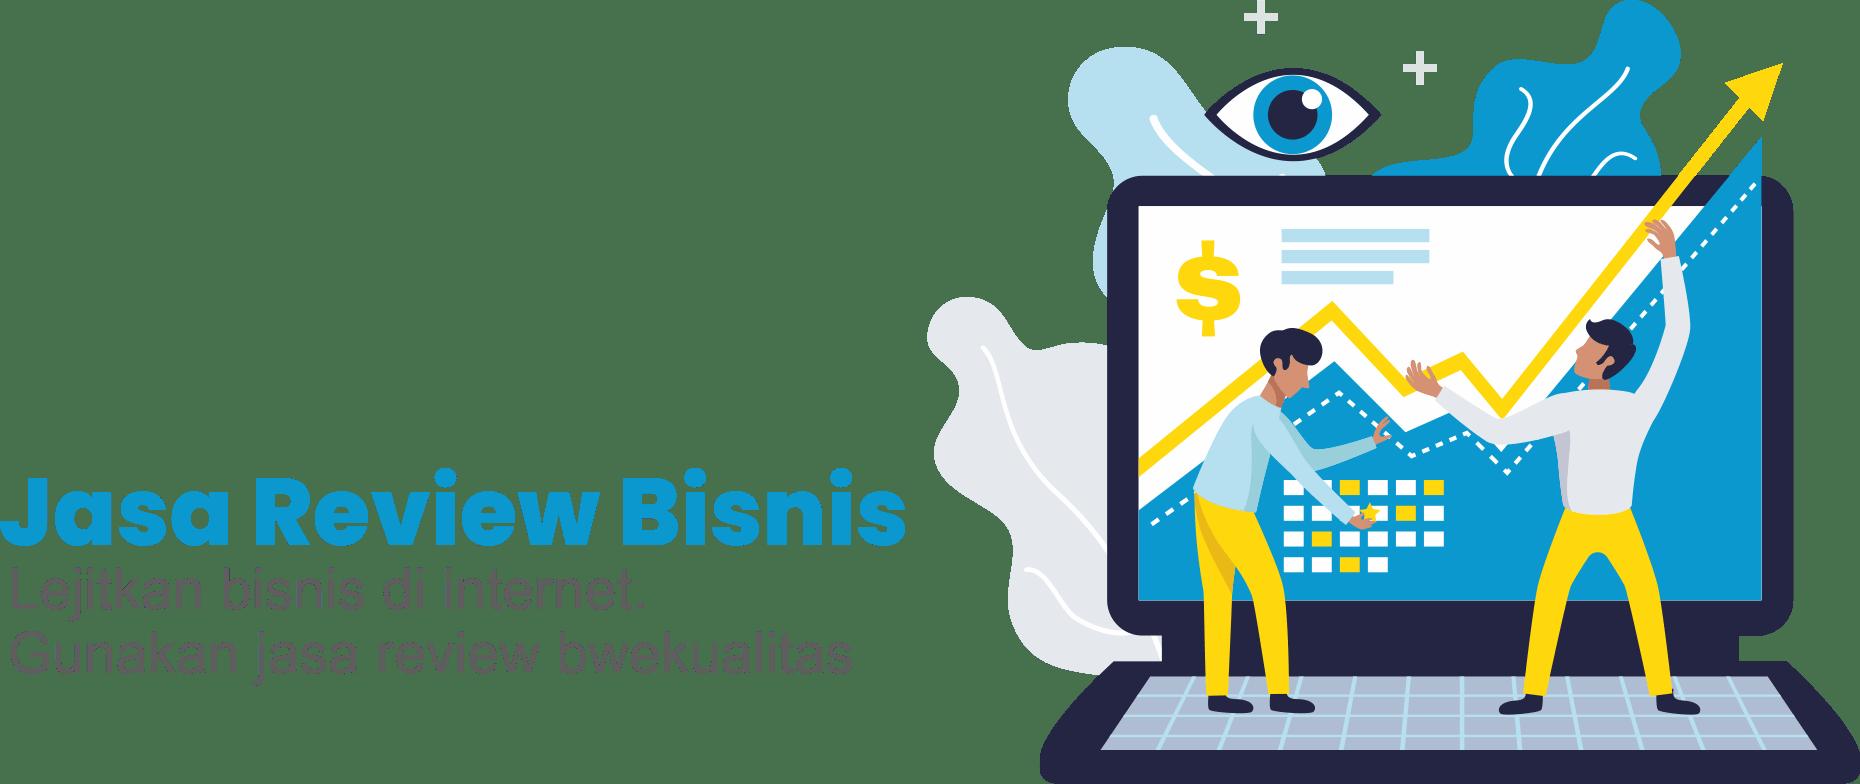 Rekomendasi jasa review bisnis